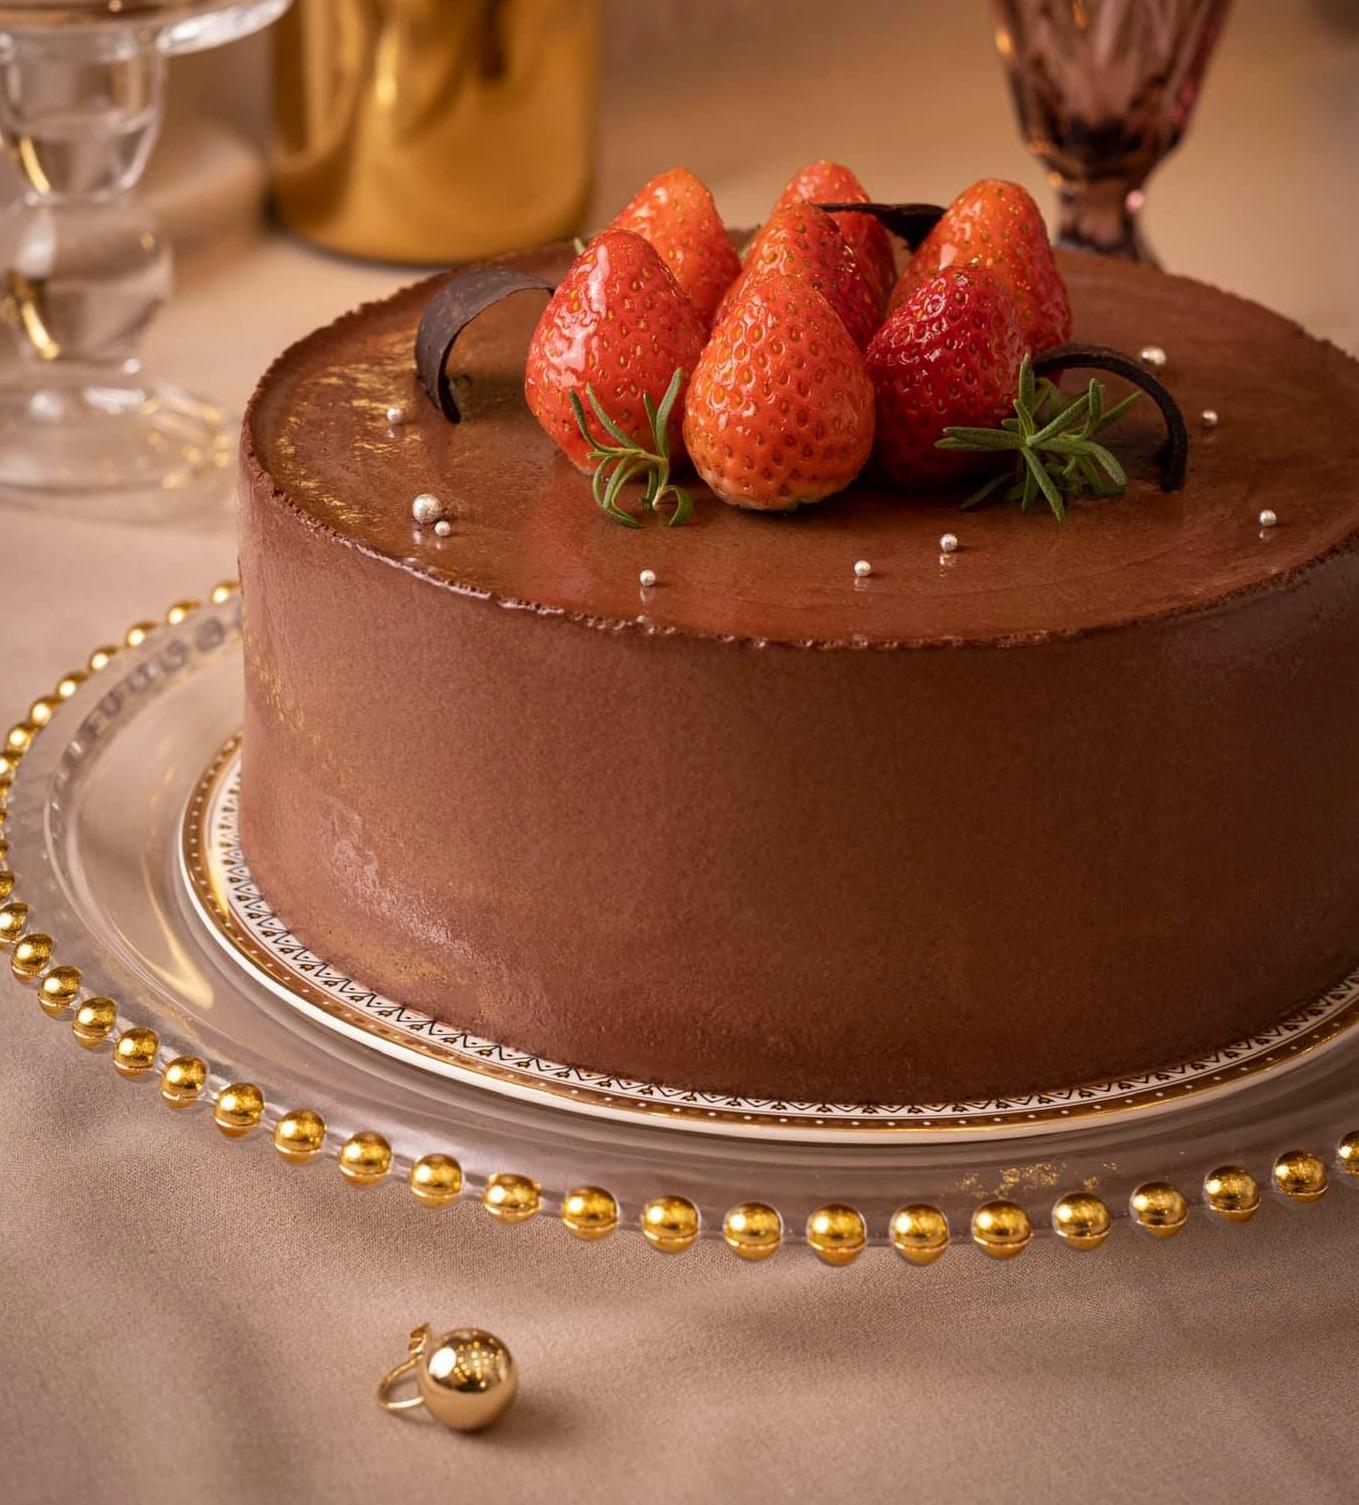 越南平陽美食TOP5甜點 銷魂巧克力布朗尼、療癒優格起司蛋糕、人氣芋圓嫩仙草、甜點系台灣車輪餅